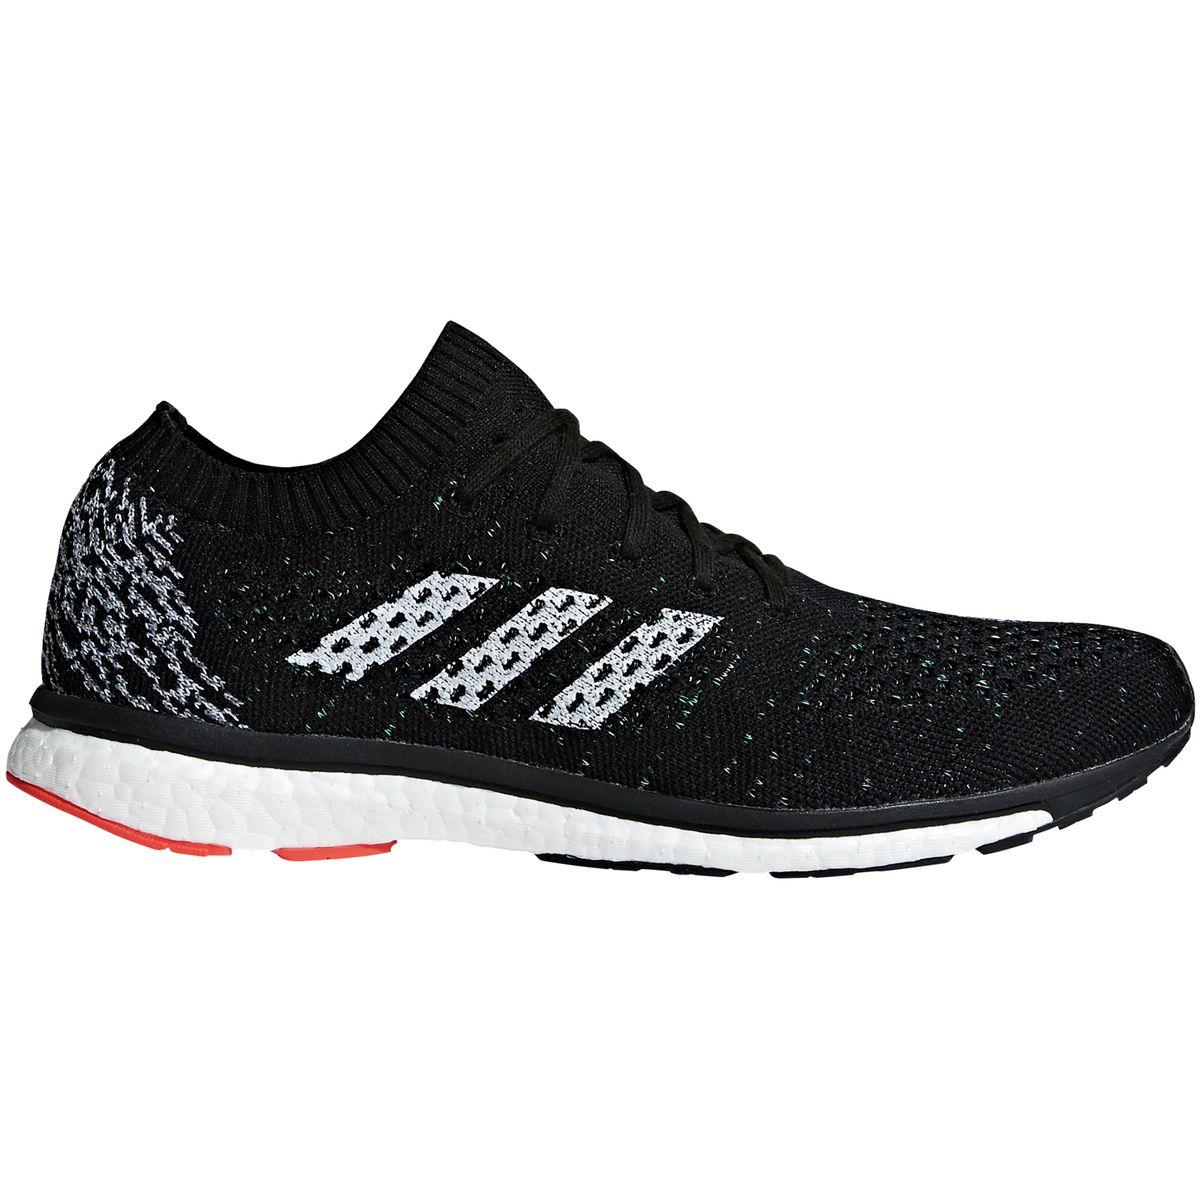 Adidas Adizero Prime Ltd Running Shoe Mens